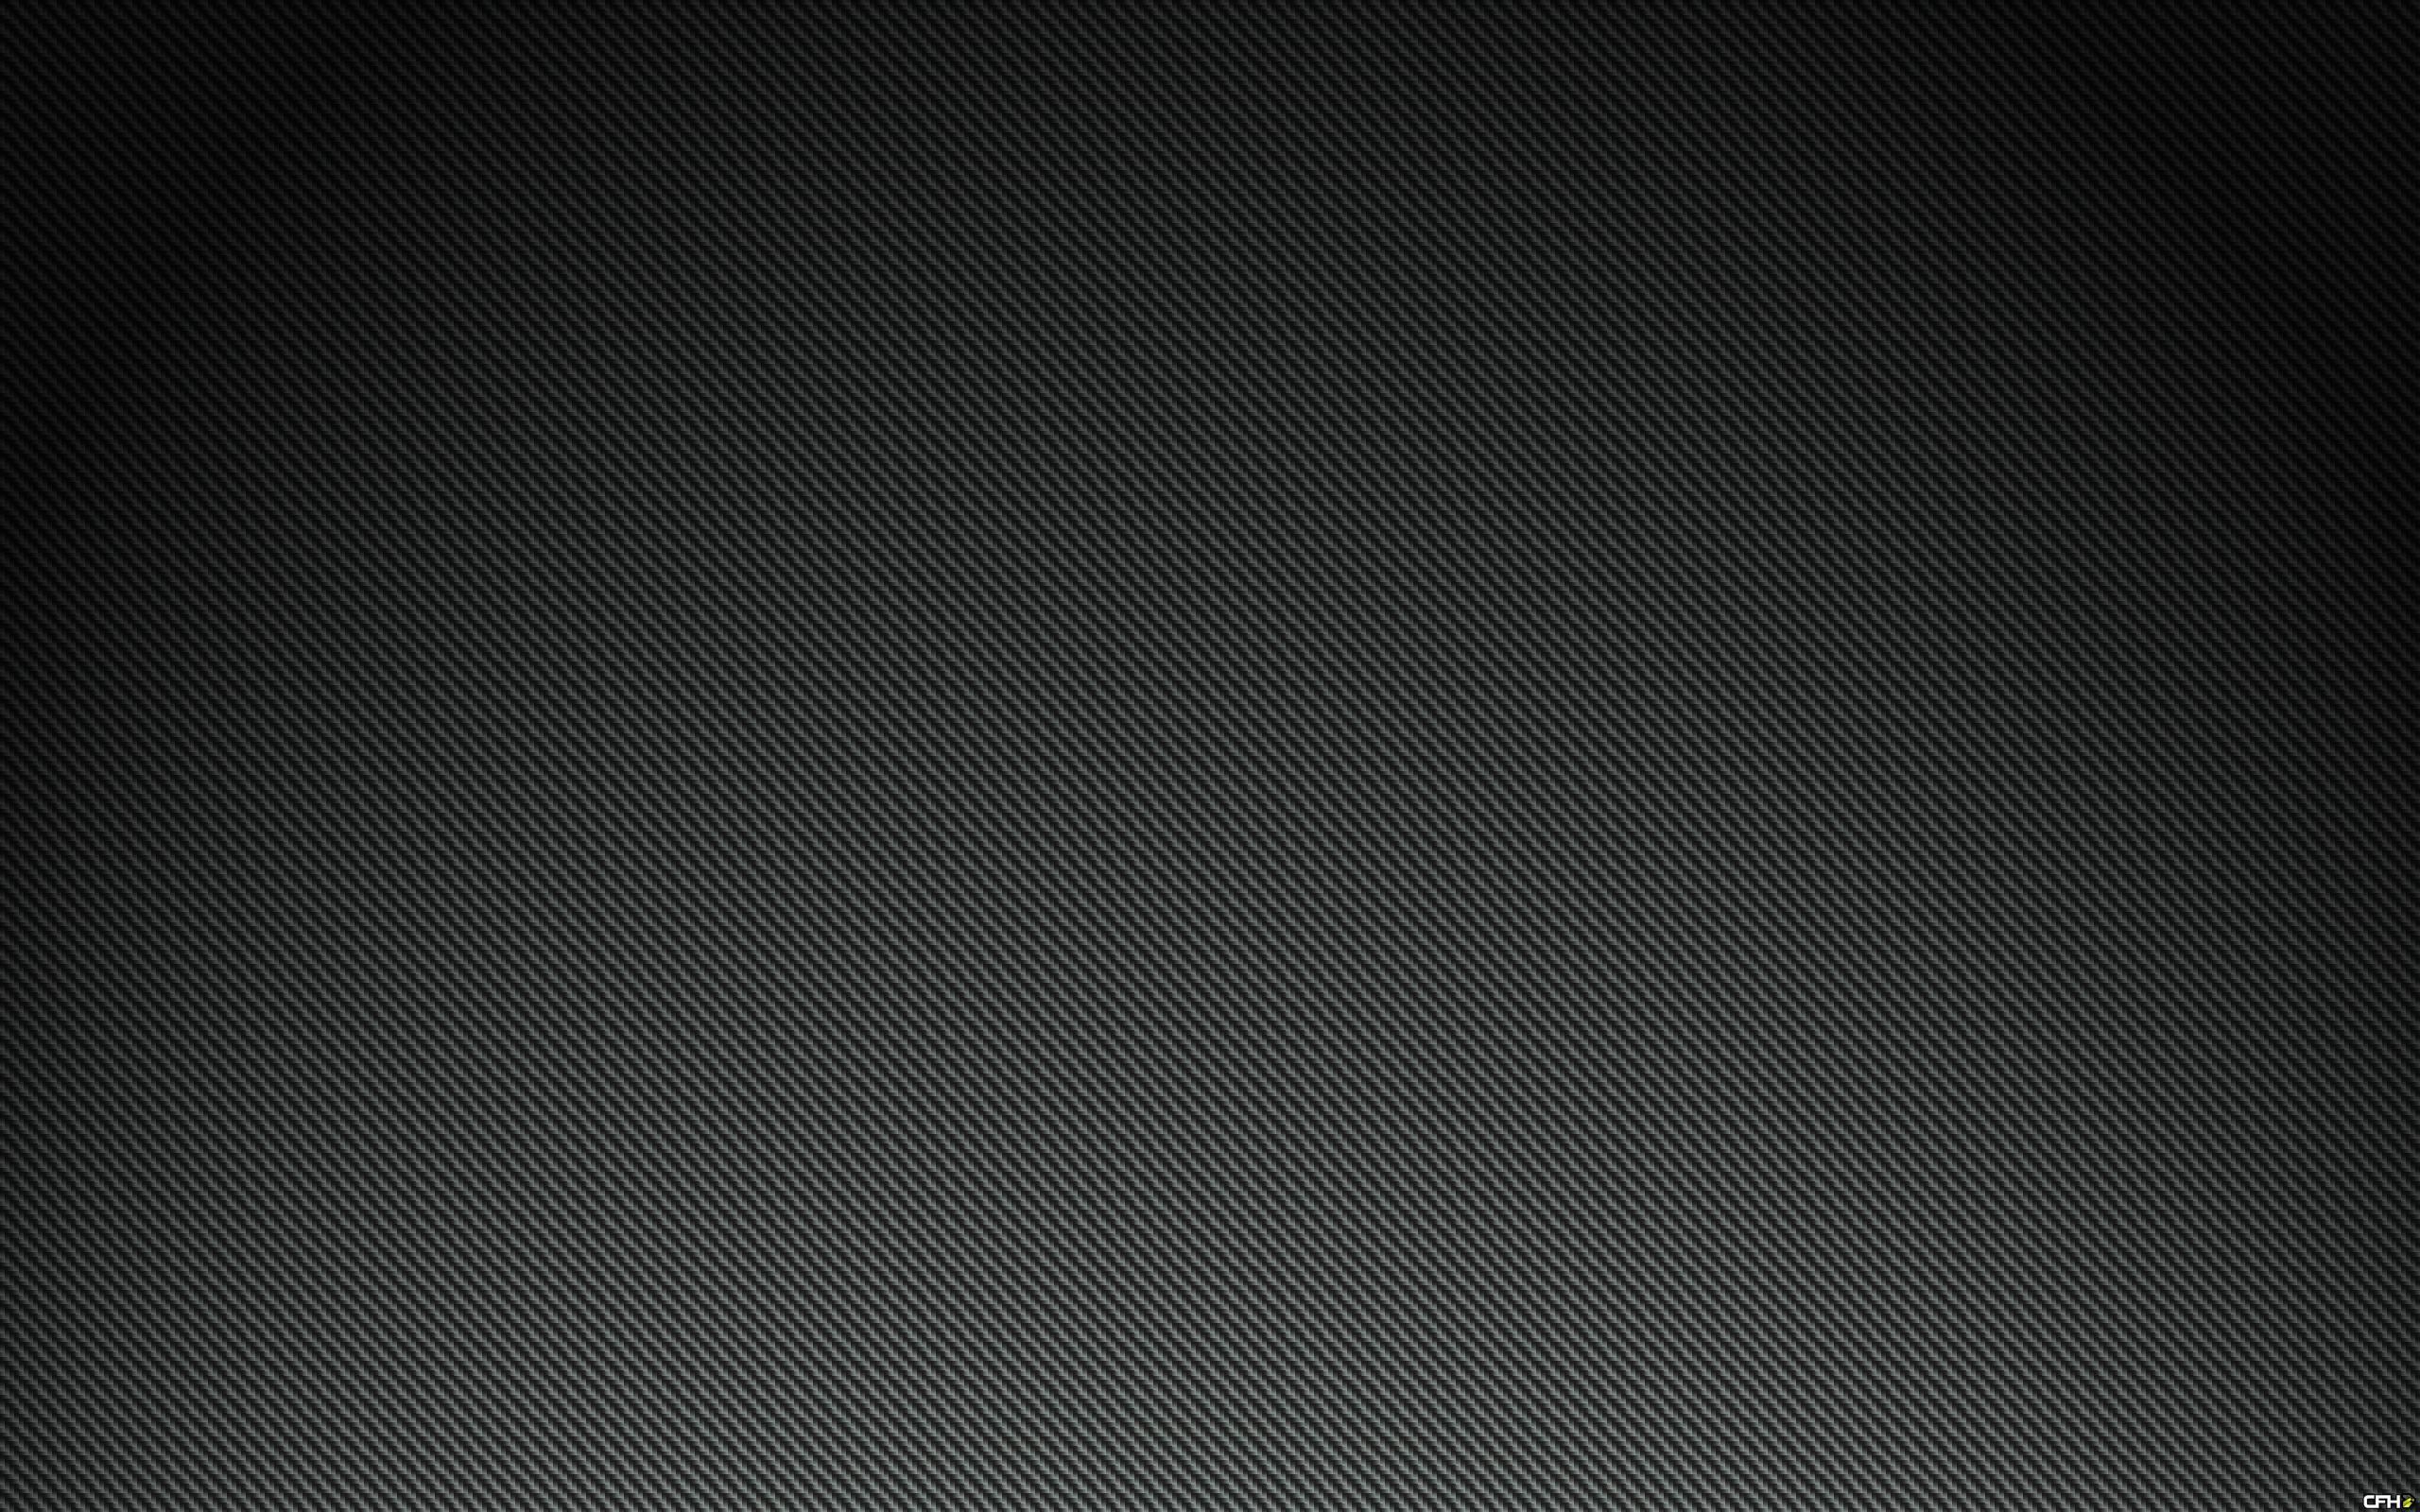 Wallpapers For > Carbon Fibre Wallpaper 1920×1080